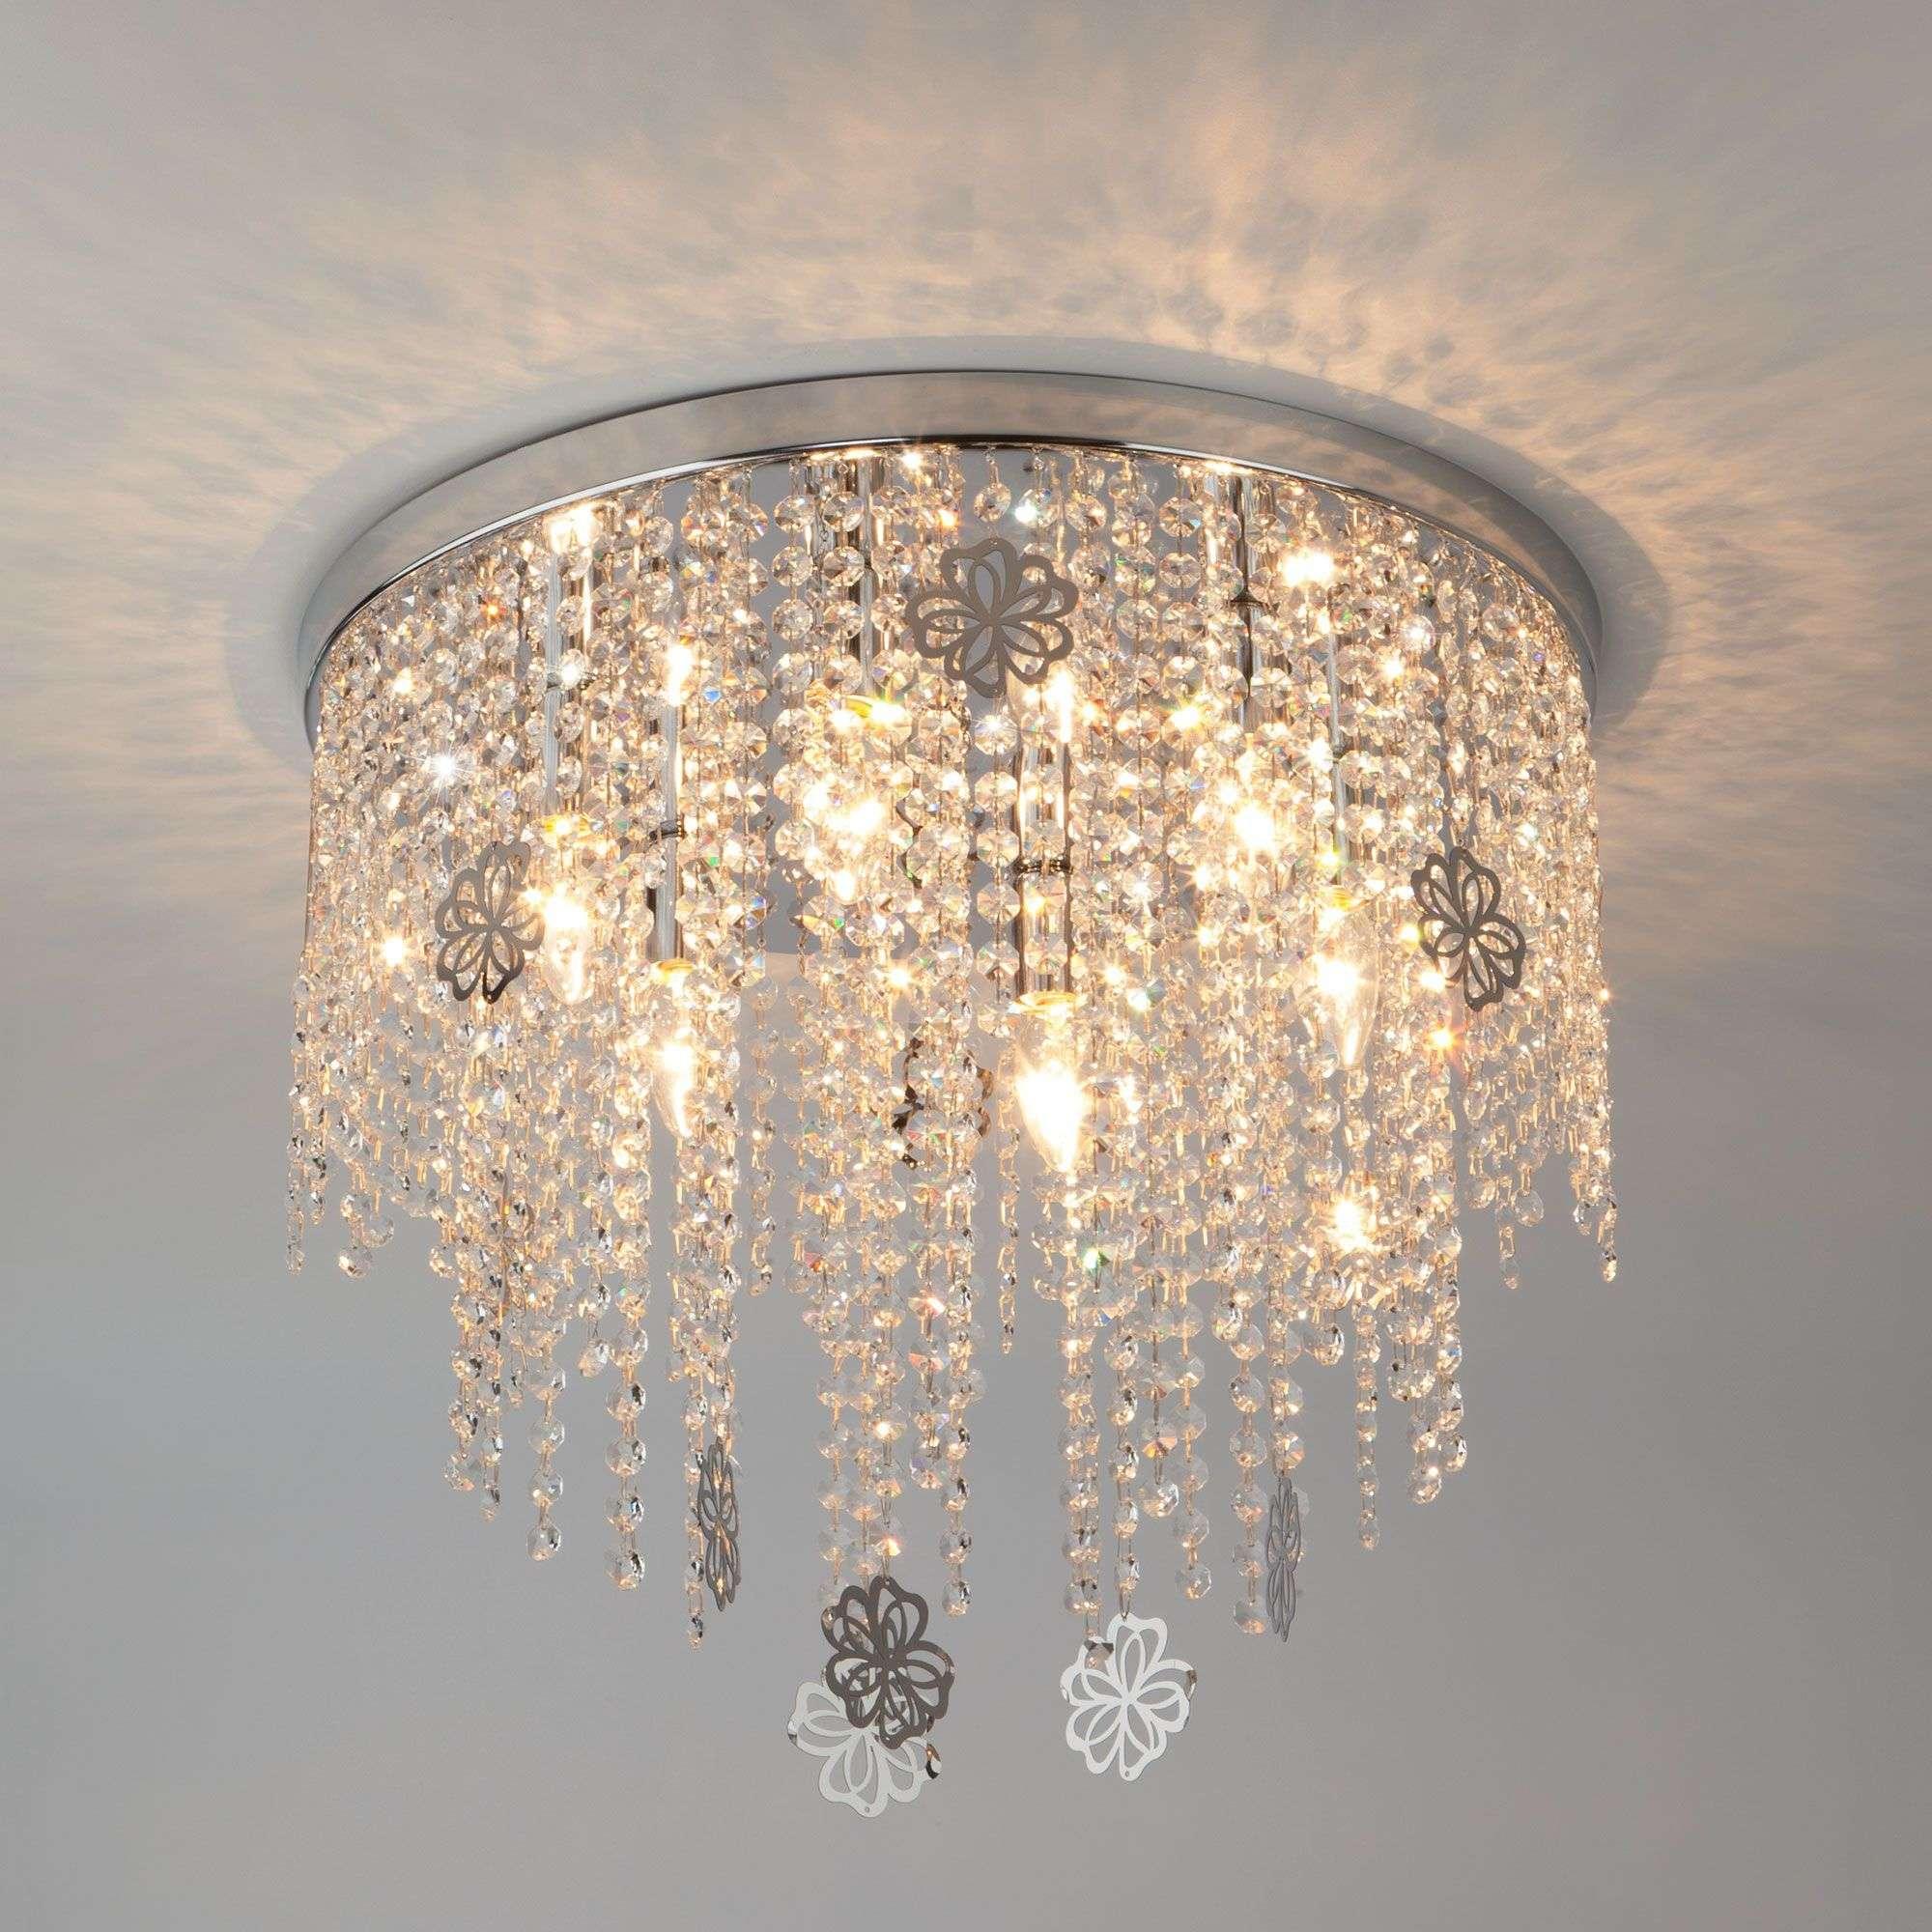 Потолочная люстра декором из хрусталя 10083/6 хром / прозрачный хрусталь